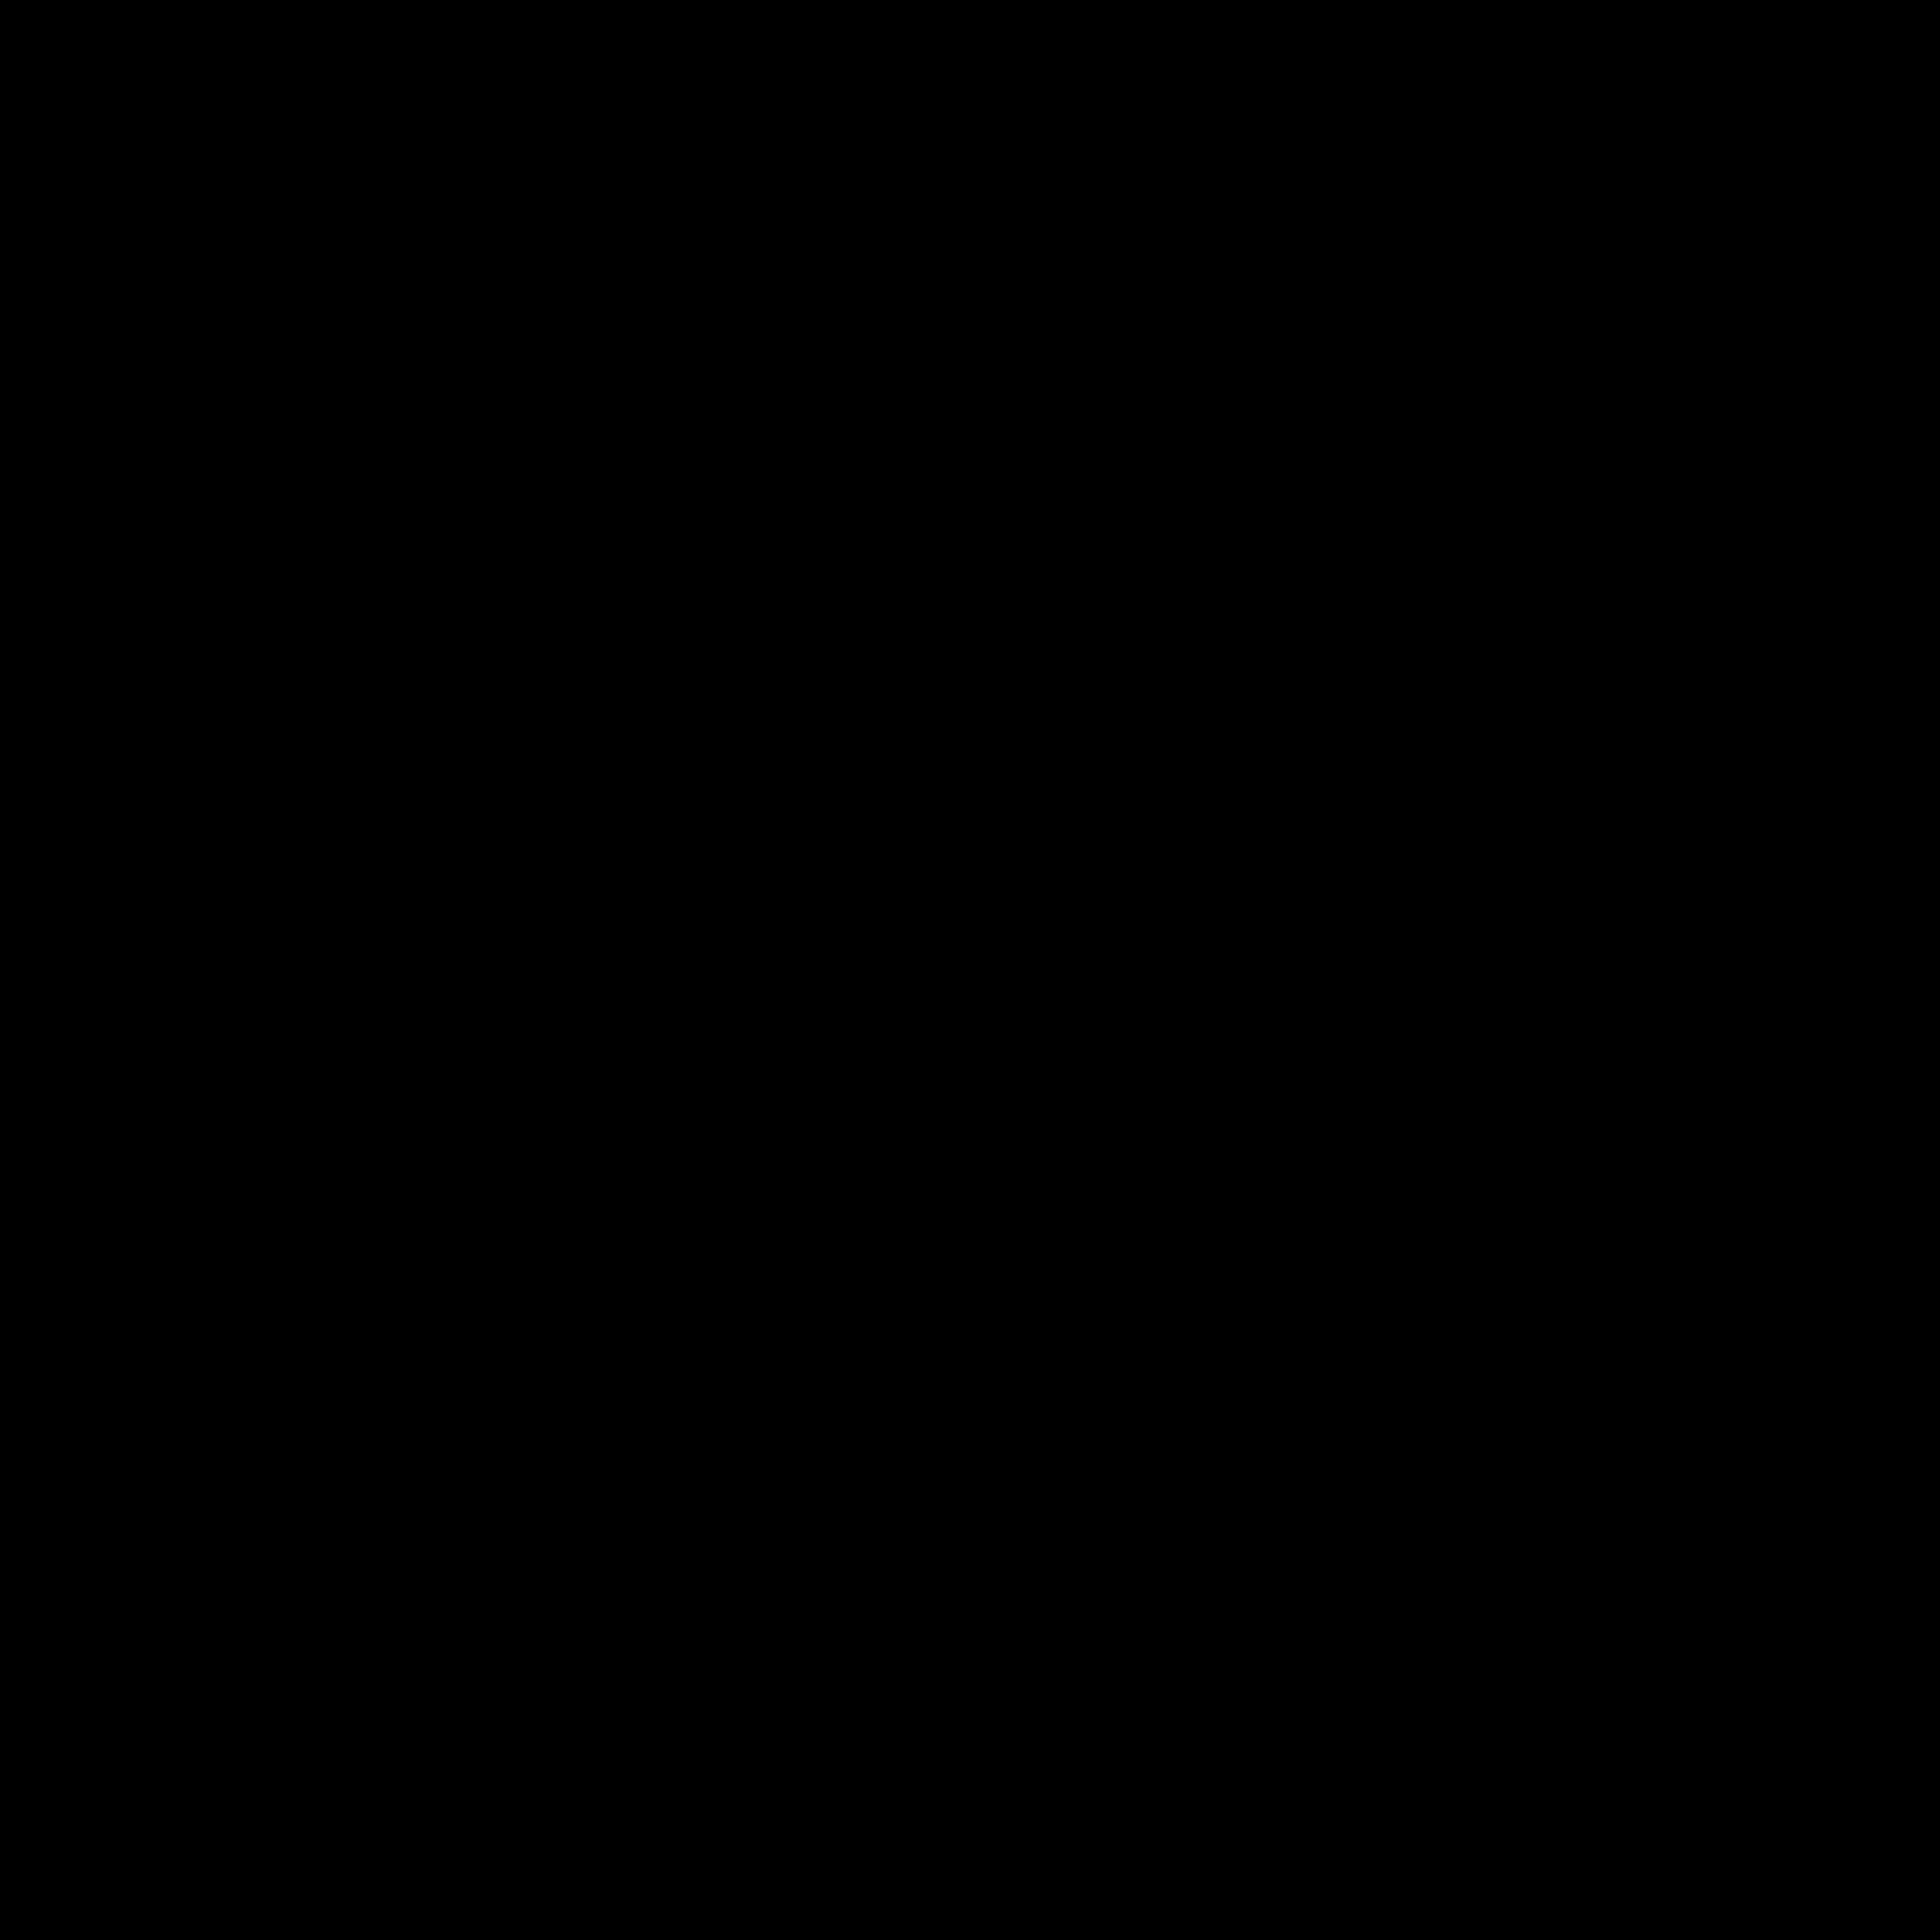 black, protoio icon